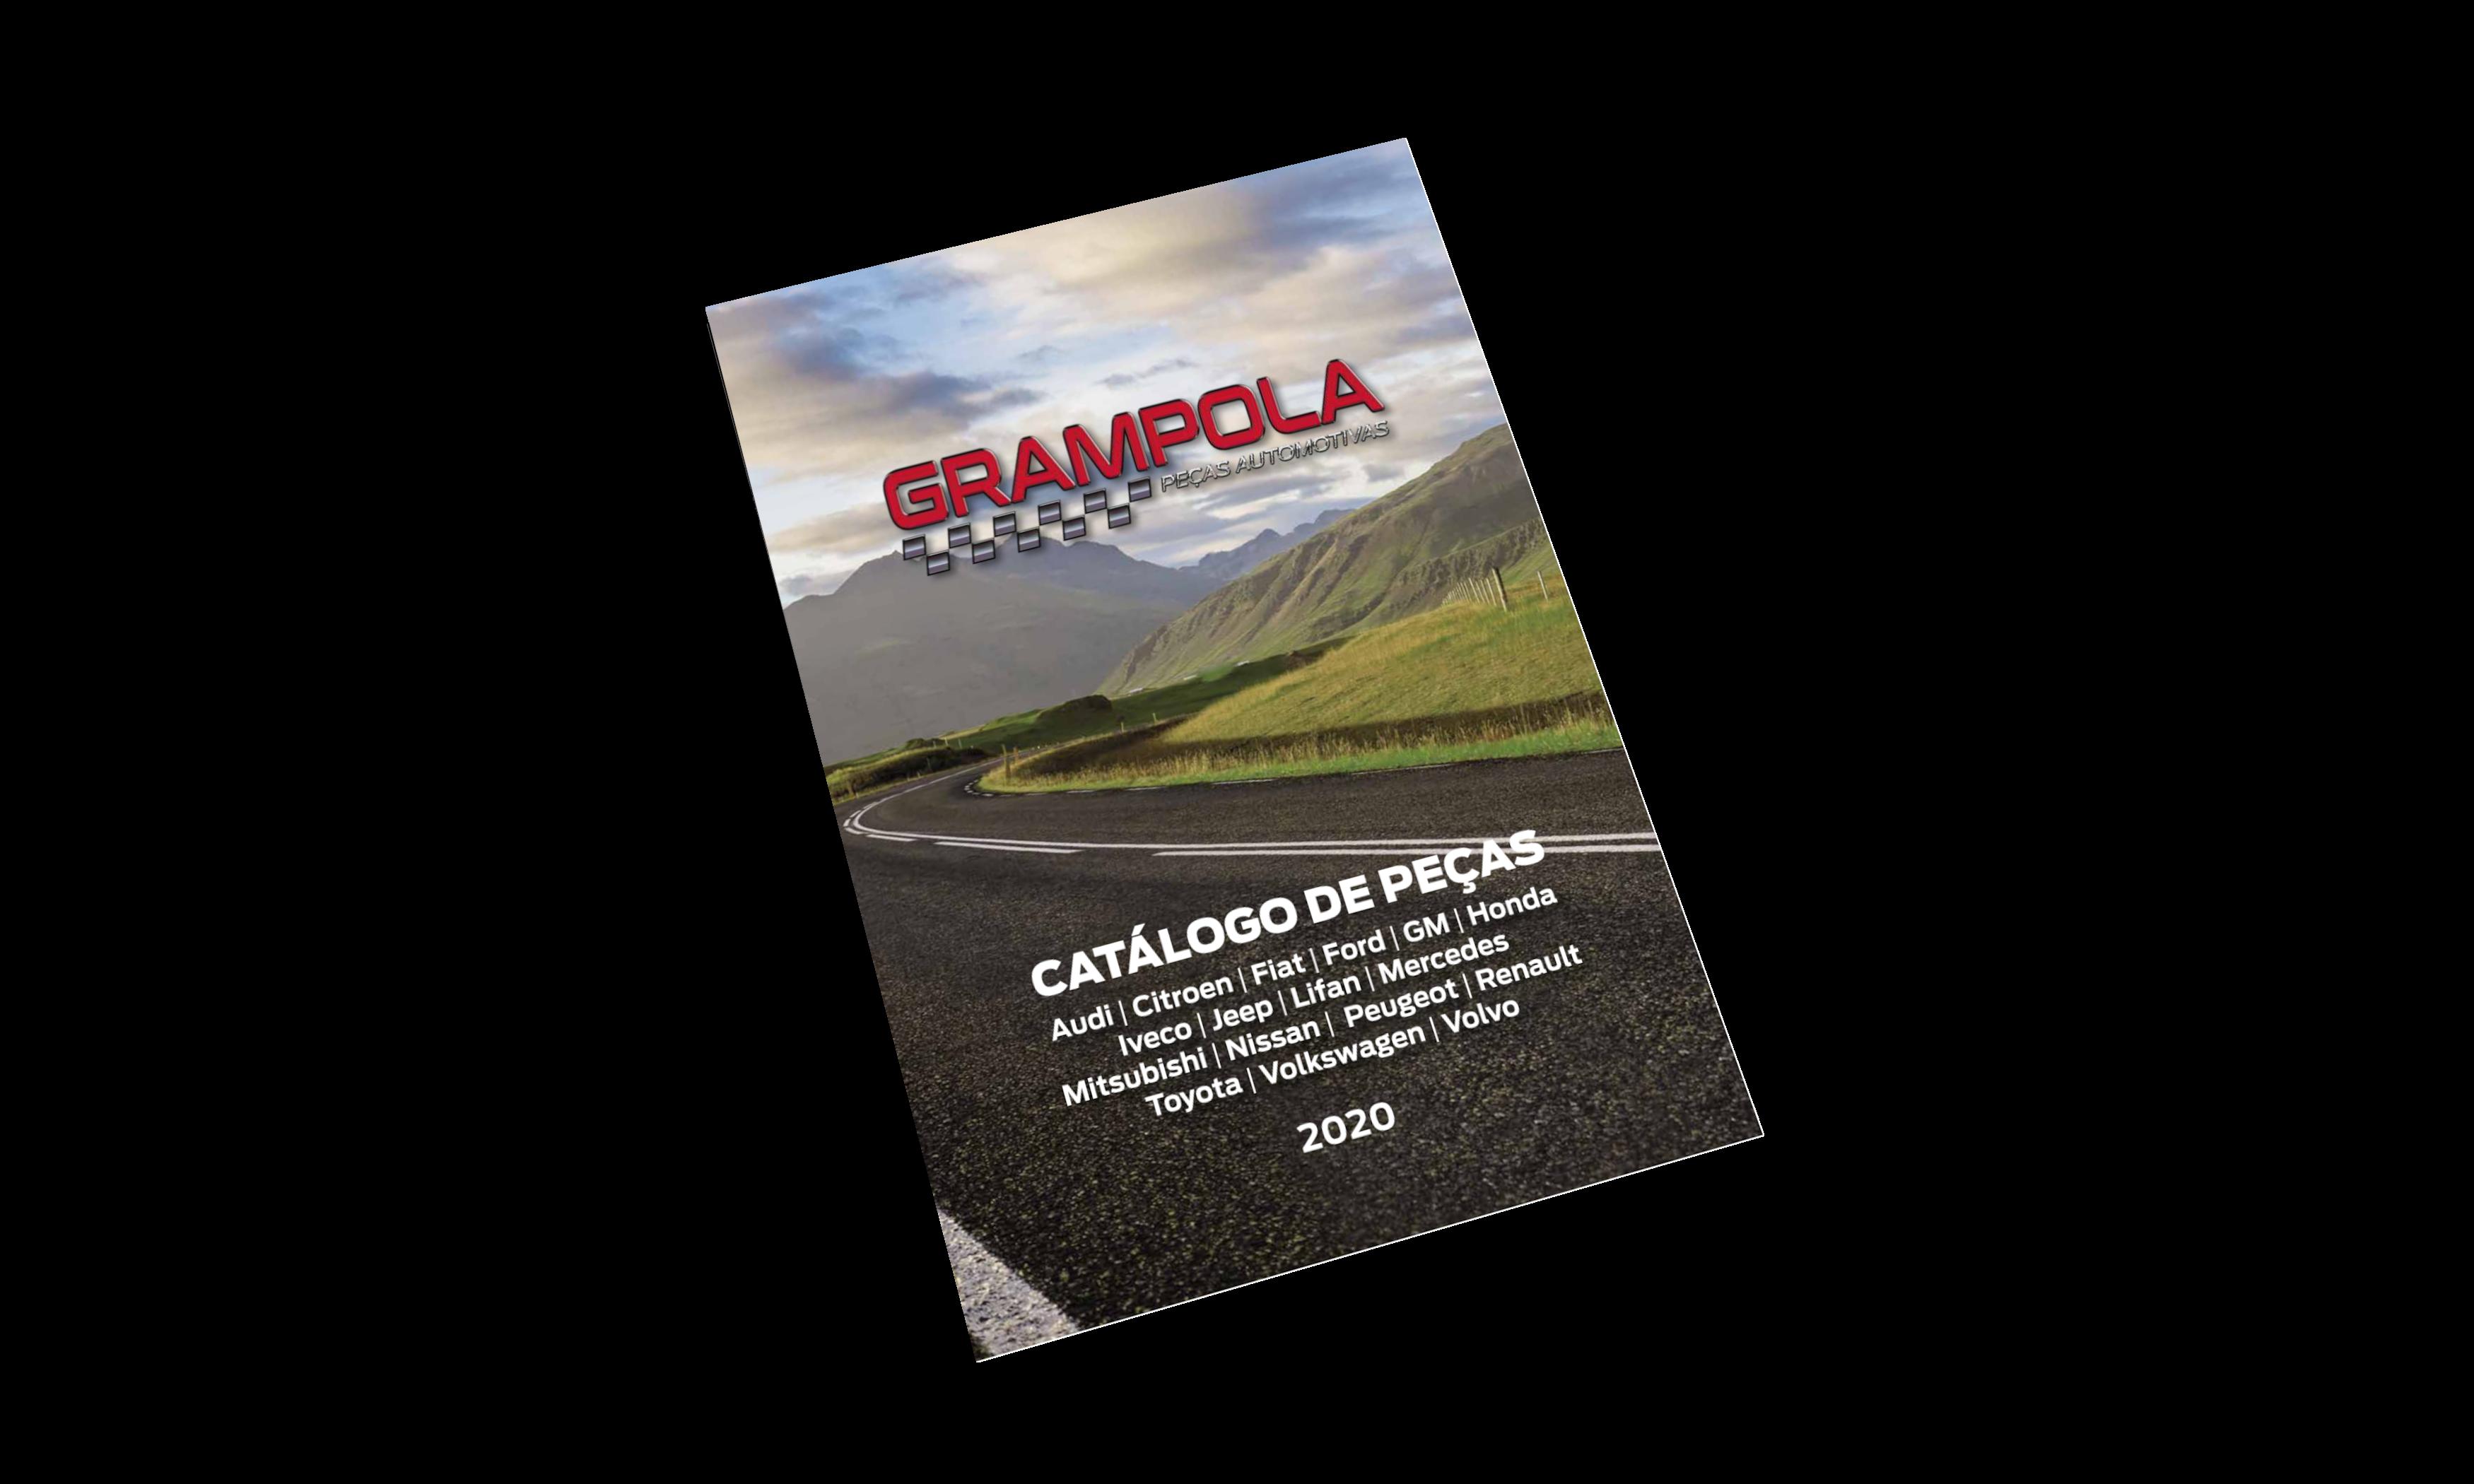 Catálogo Grampola